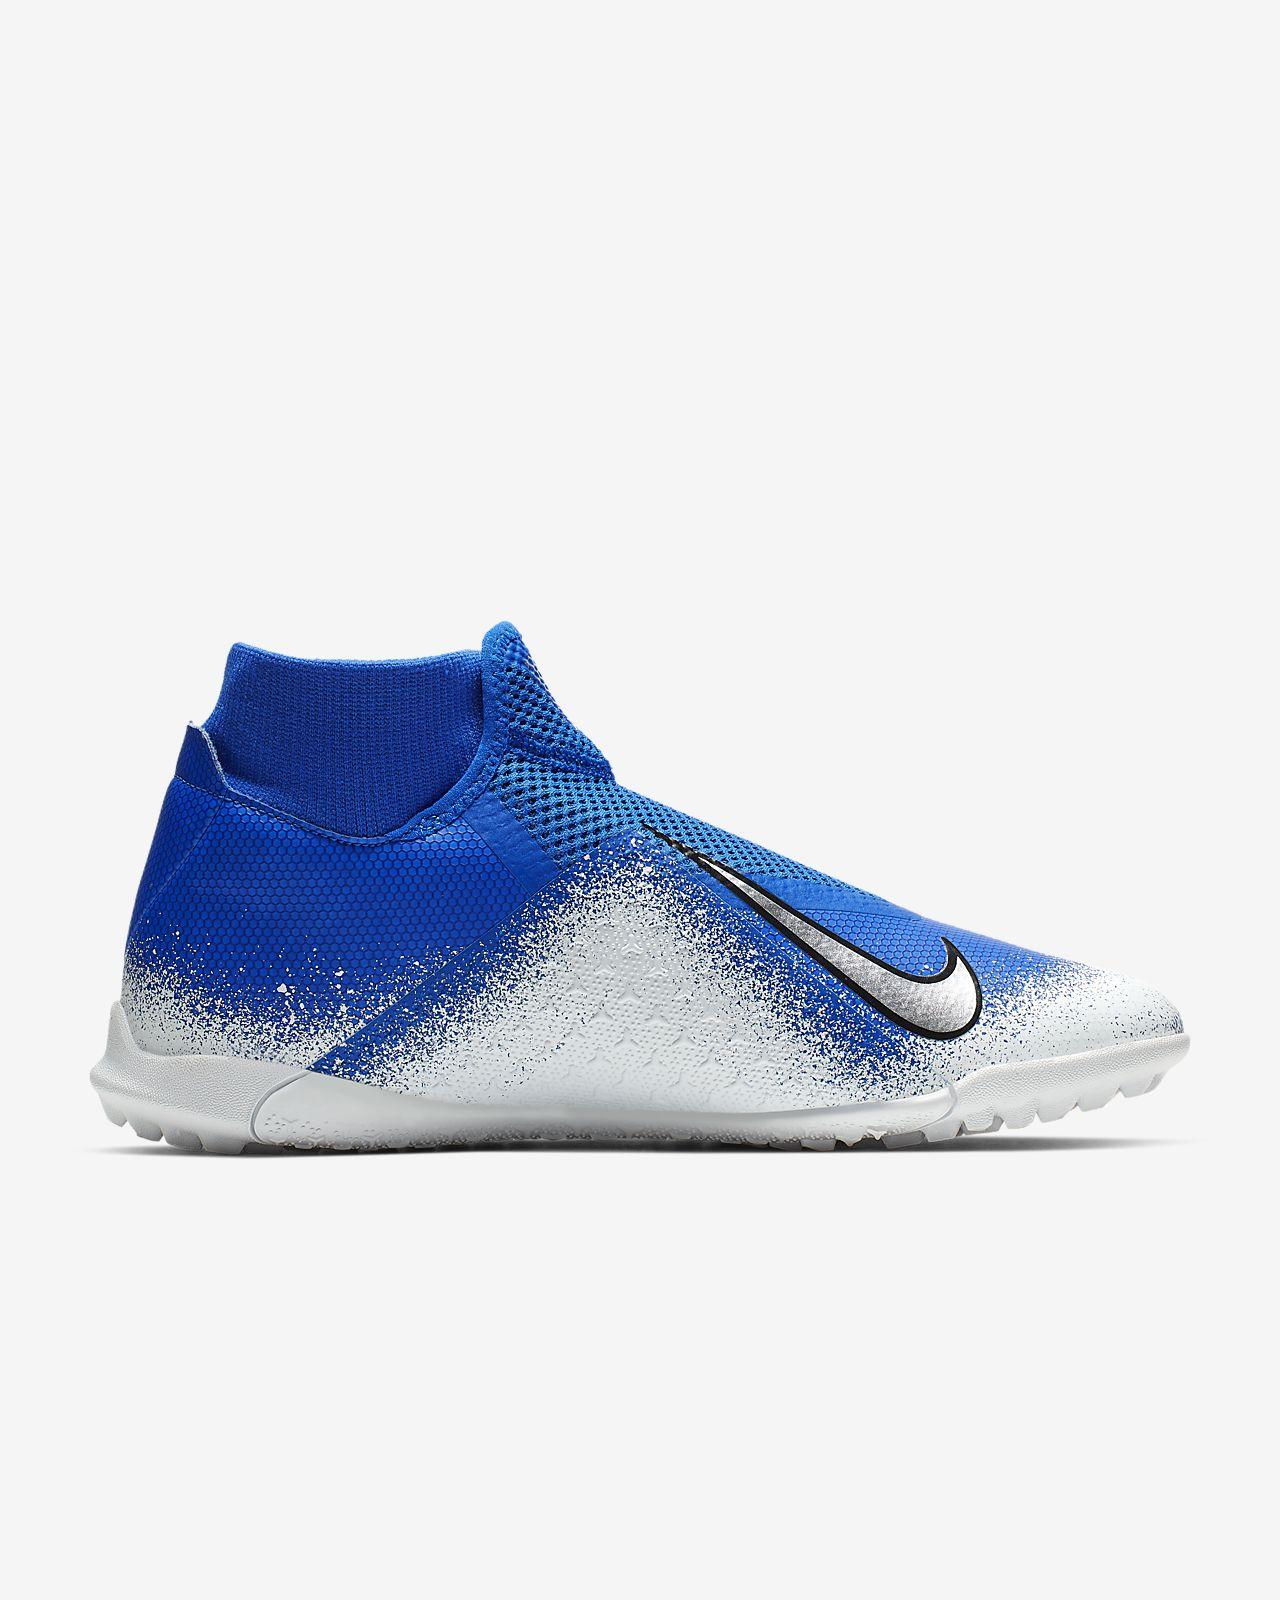 d8fe1f8cd Nike Phantom Vision Academy Dynamic Fit Turf Football Shoe. Nike.com GB